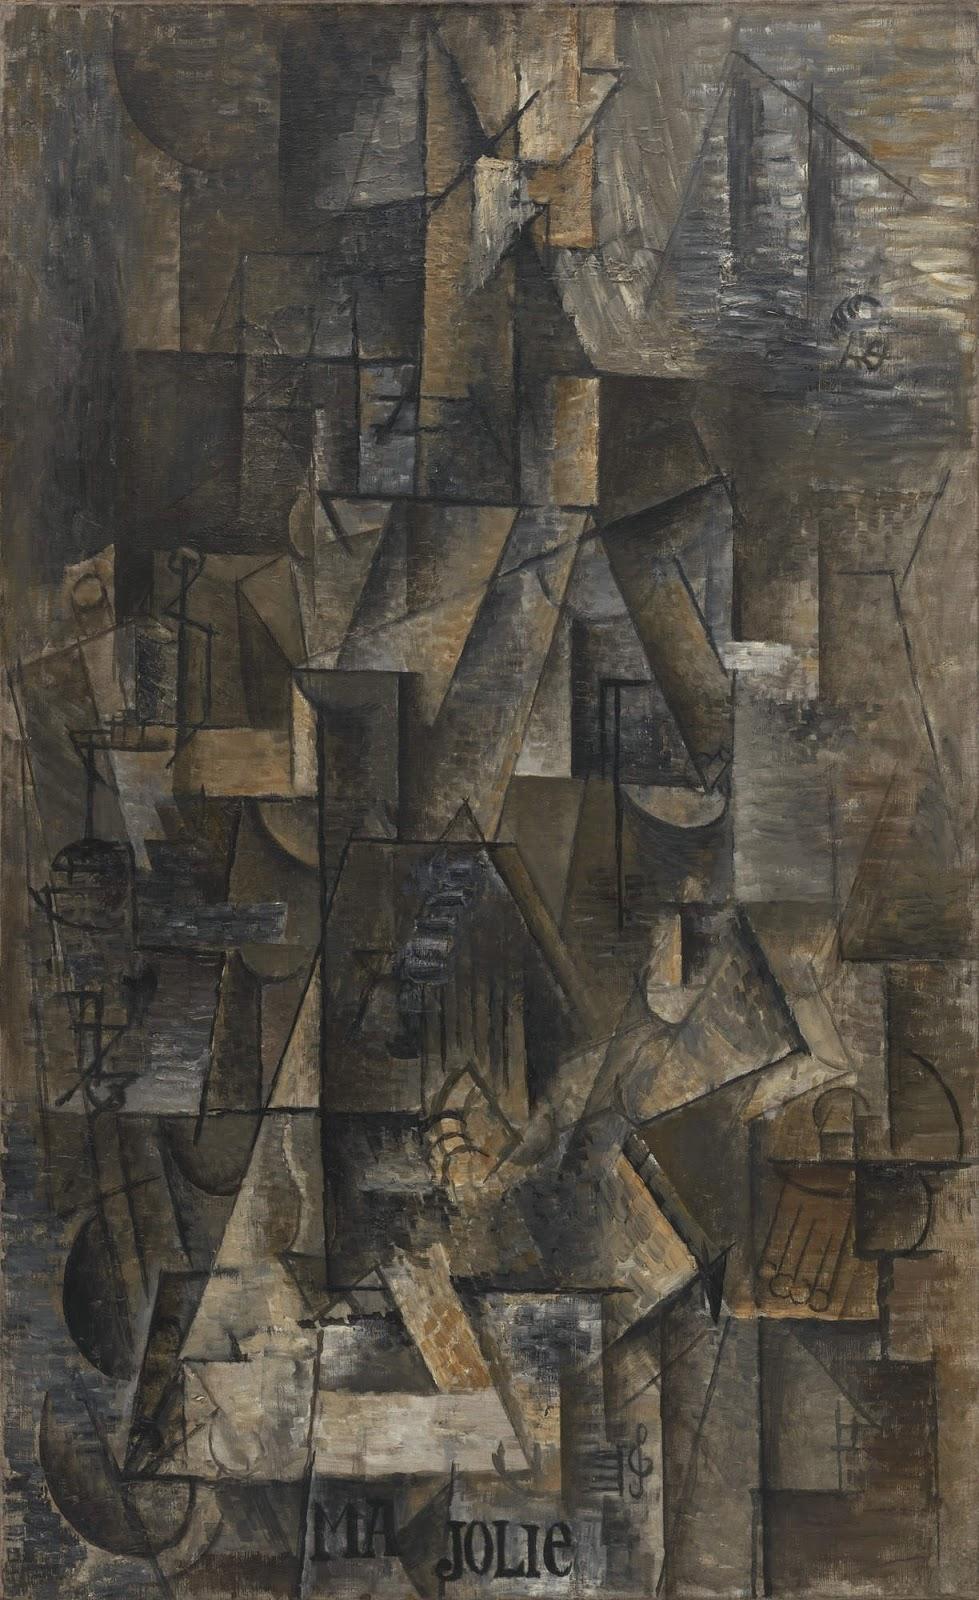 Pablo Picasso. Ma Jolie. 1911-1912. MoMA. Nueva York.